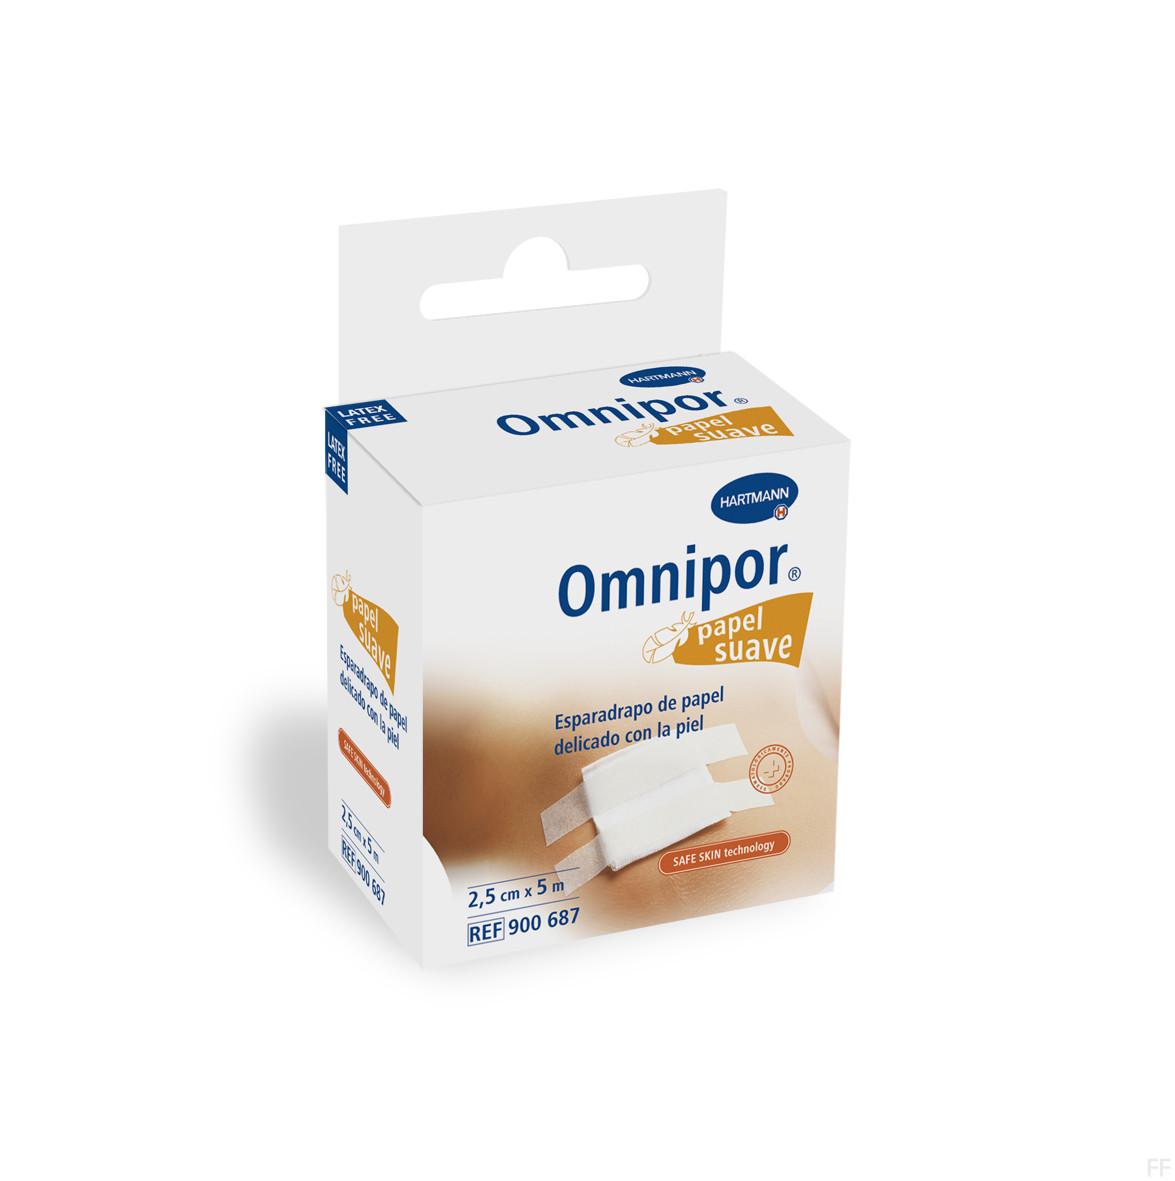 Hartmann Esparadrapo Omnipor 5m x 2.5cm